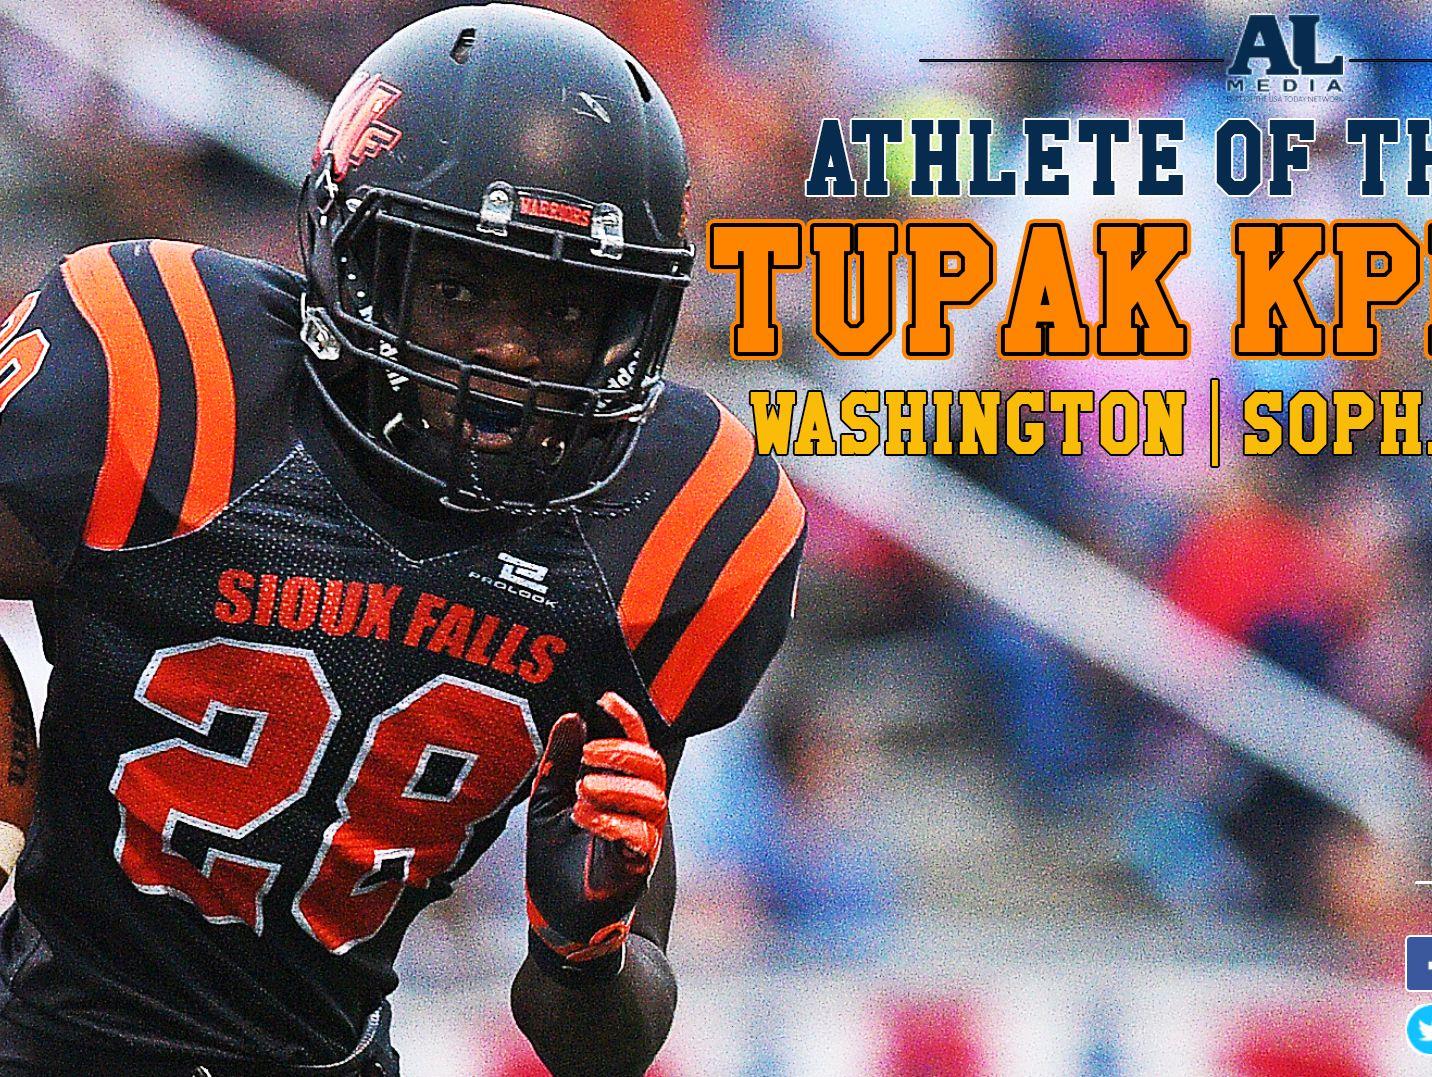 Athlete of the Week: Tupak Kpeayeh